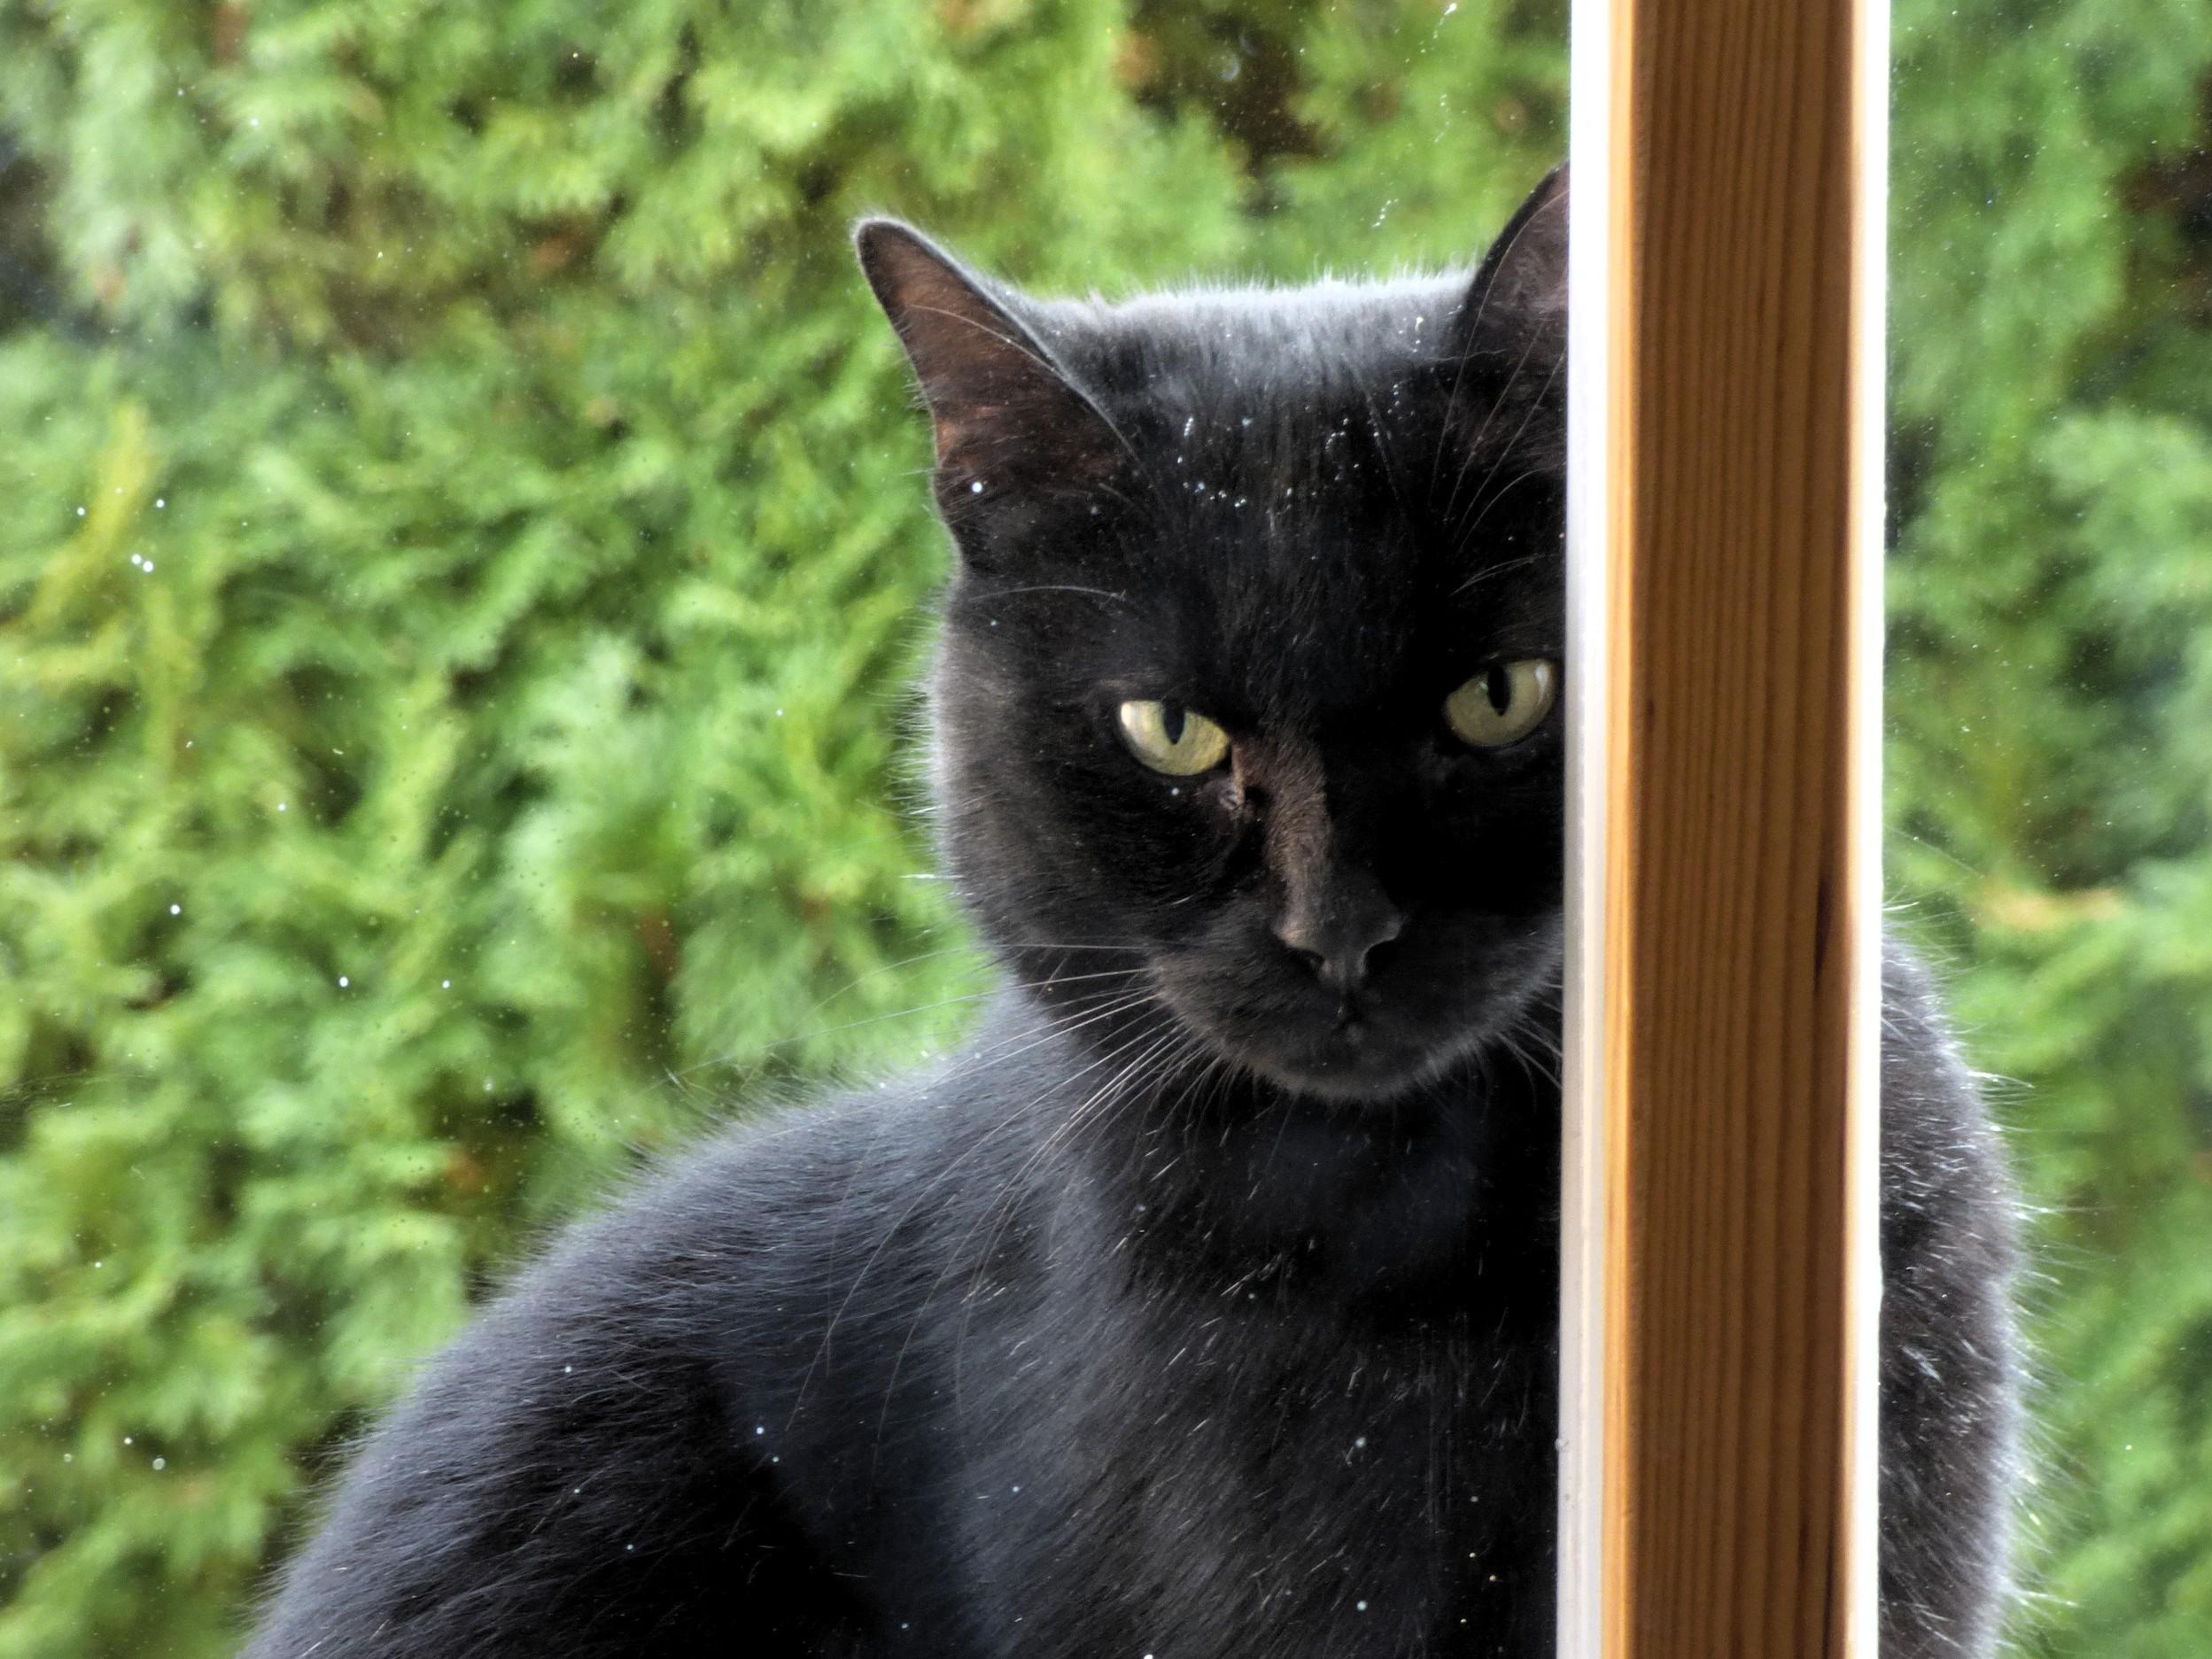 Eyes on: Katzenfotos